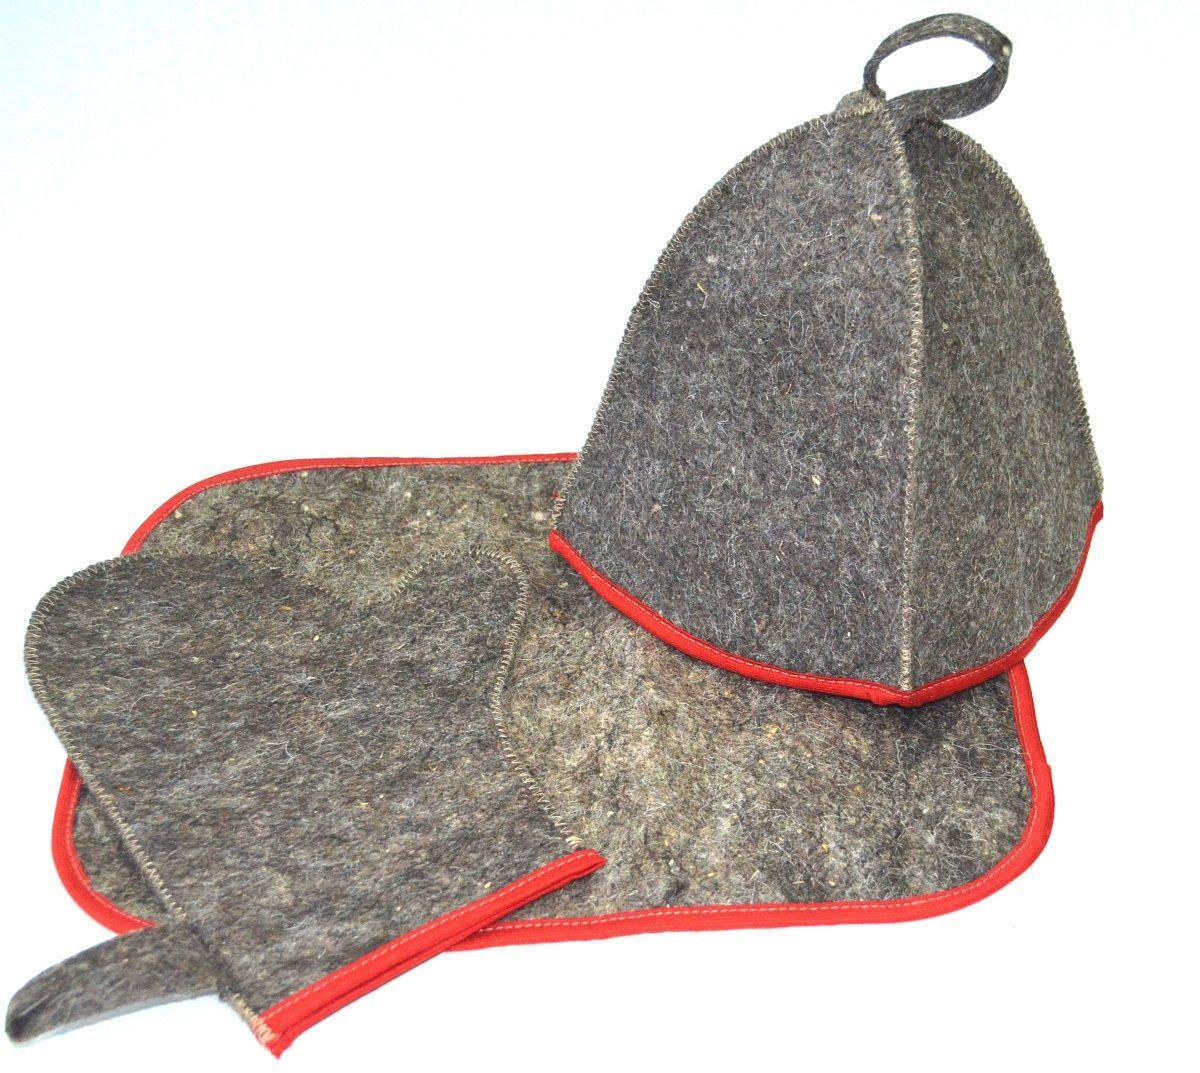 Набор для бани и сауны Ecology Sauna Эконом, цвет: серый, красный, 3 предмета ветрины эконом пнаели для промтоваров в астрахани и установить